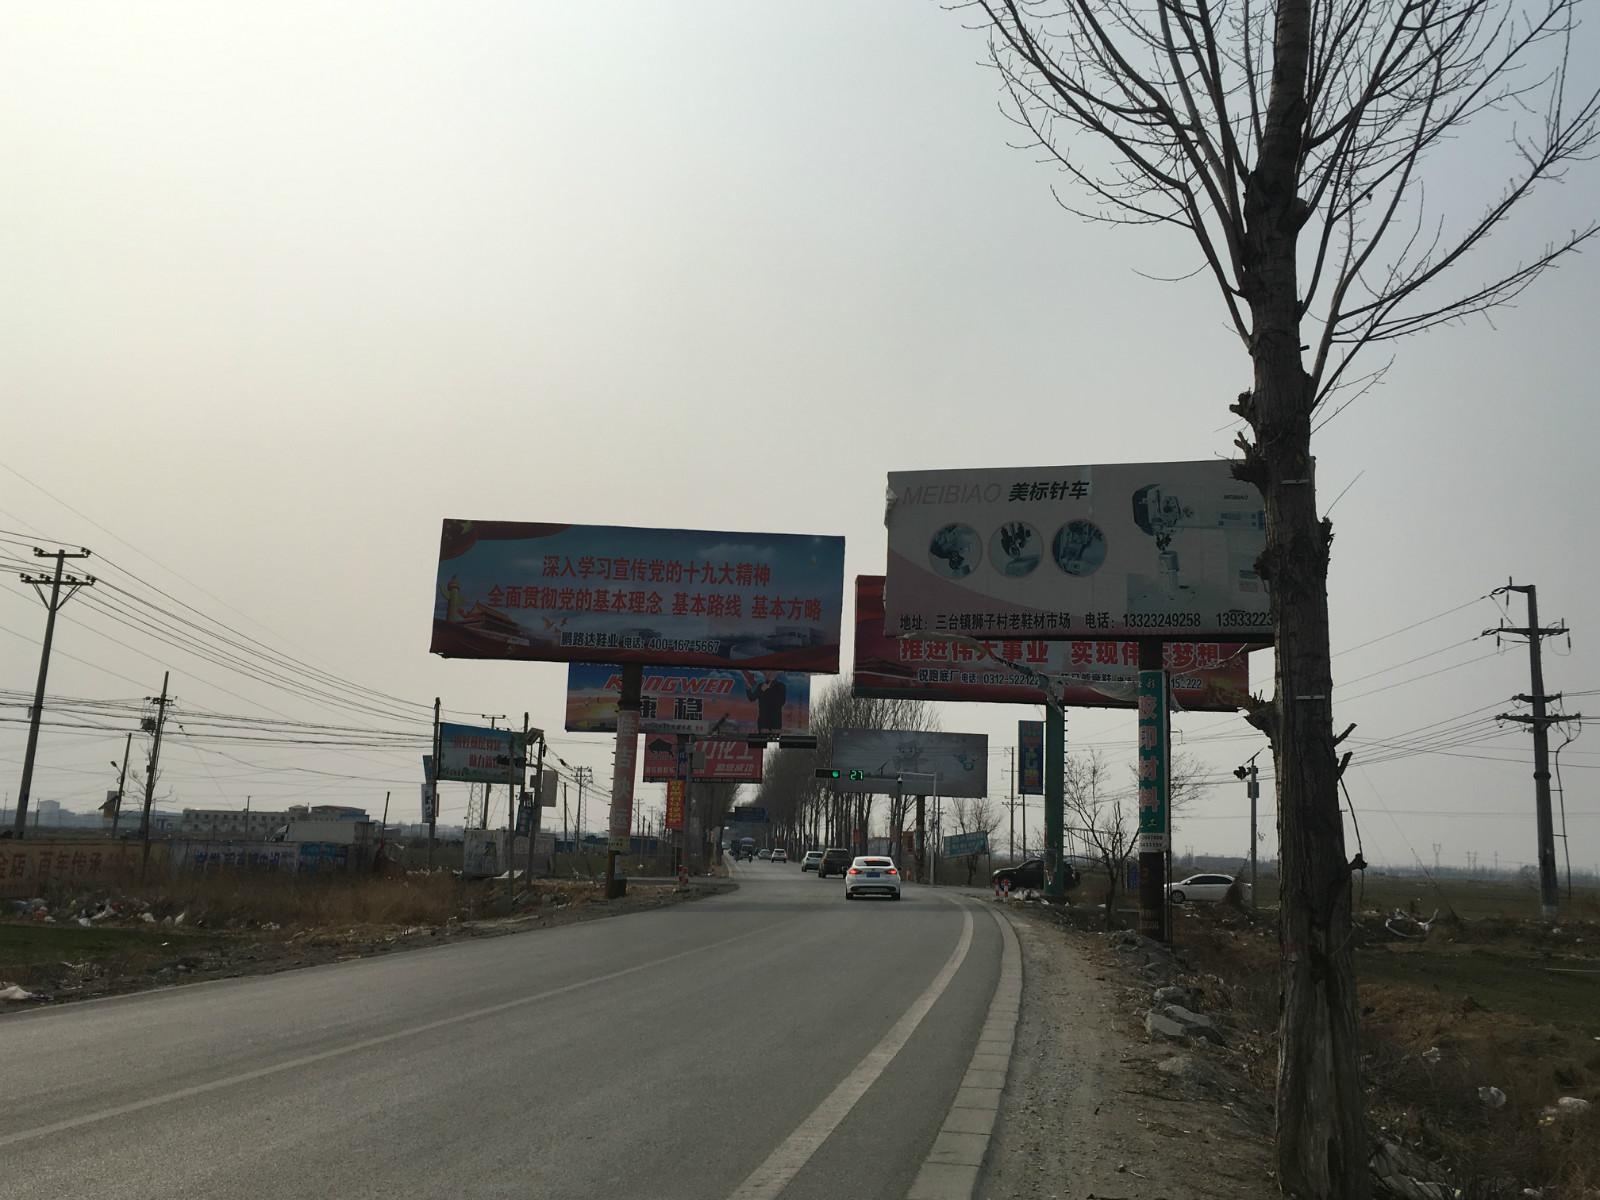 安新县去往三台镇的道路_meitu_3